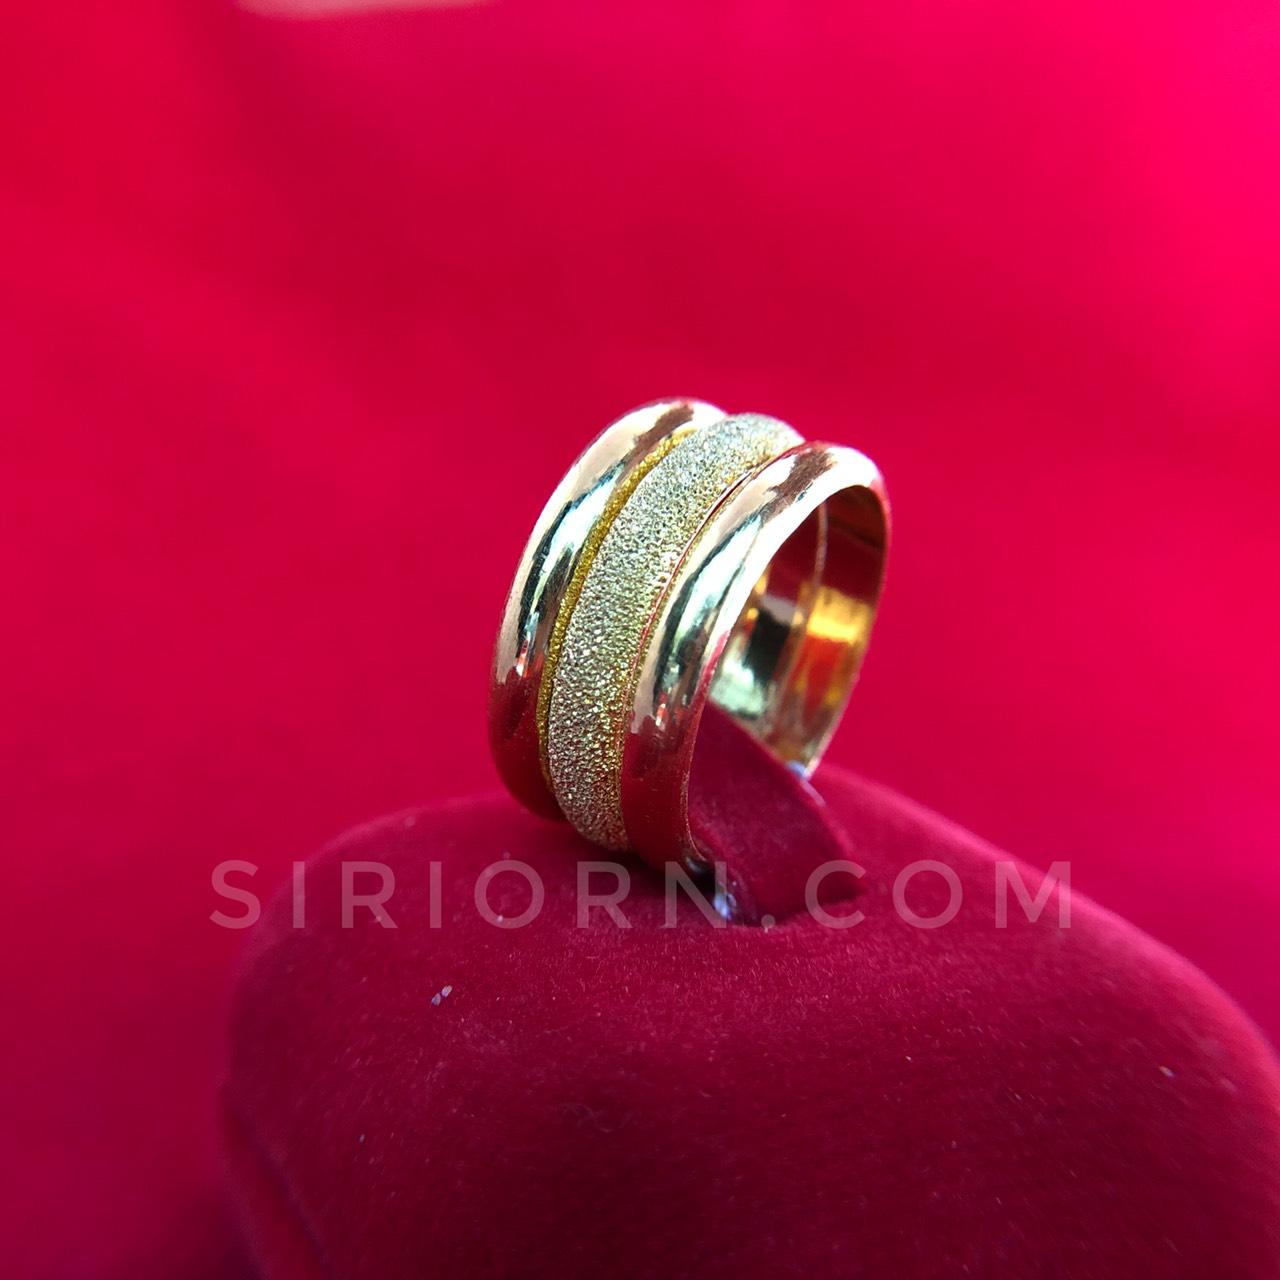 แหวนทองคำแท้ 96.5%  ลายปอกมีดโปร่งกิ๊ปจิกเพชร3วง